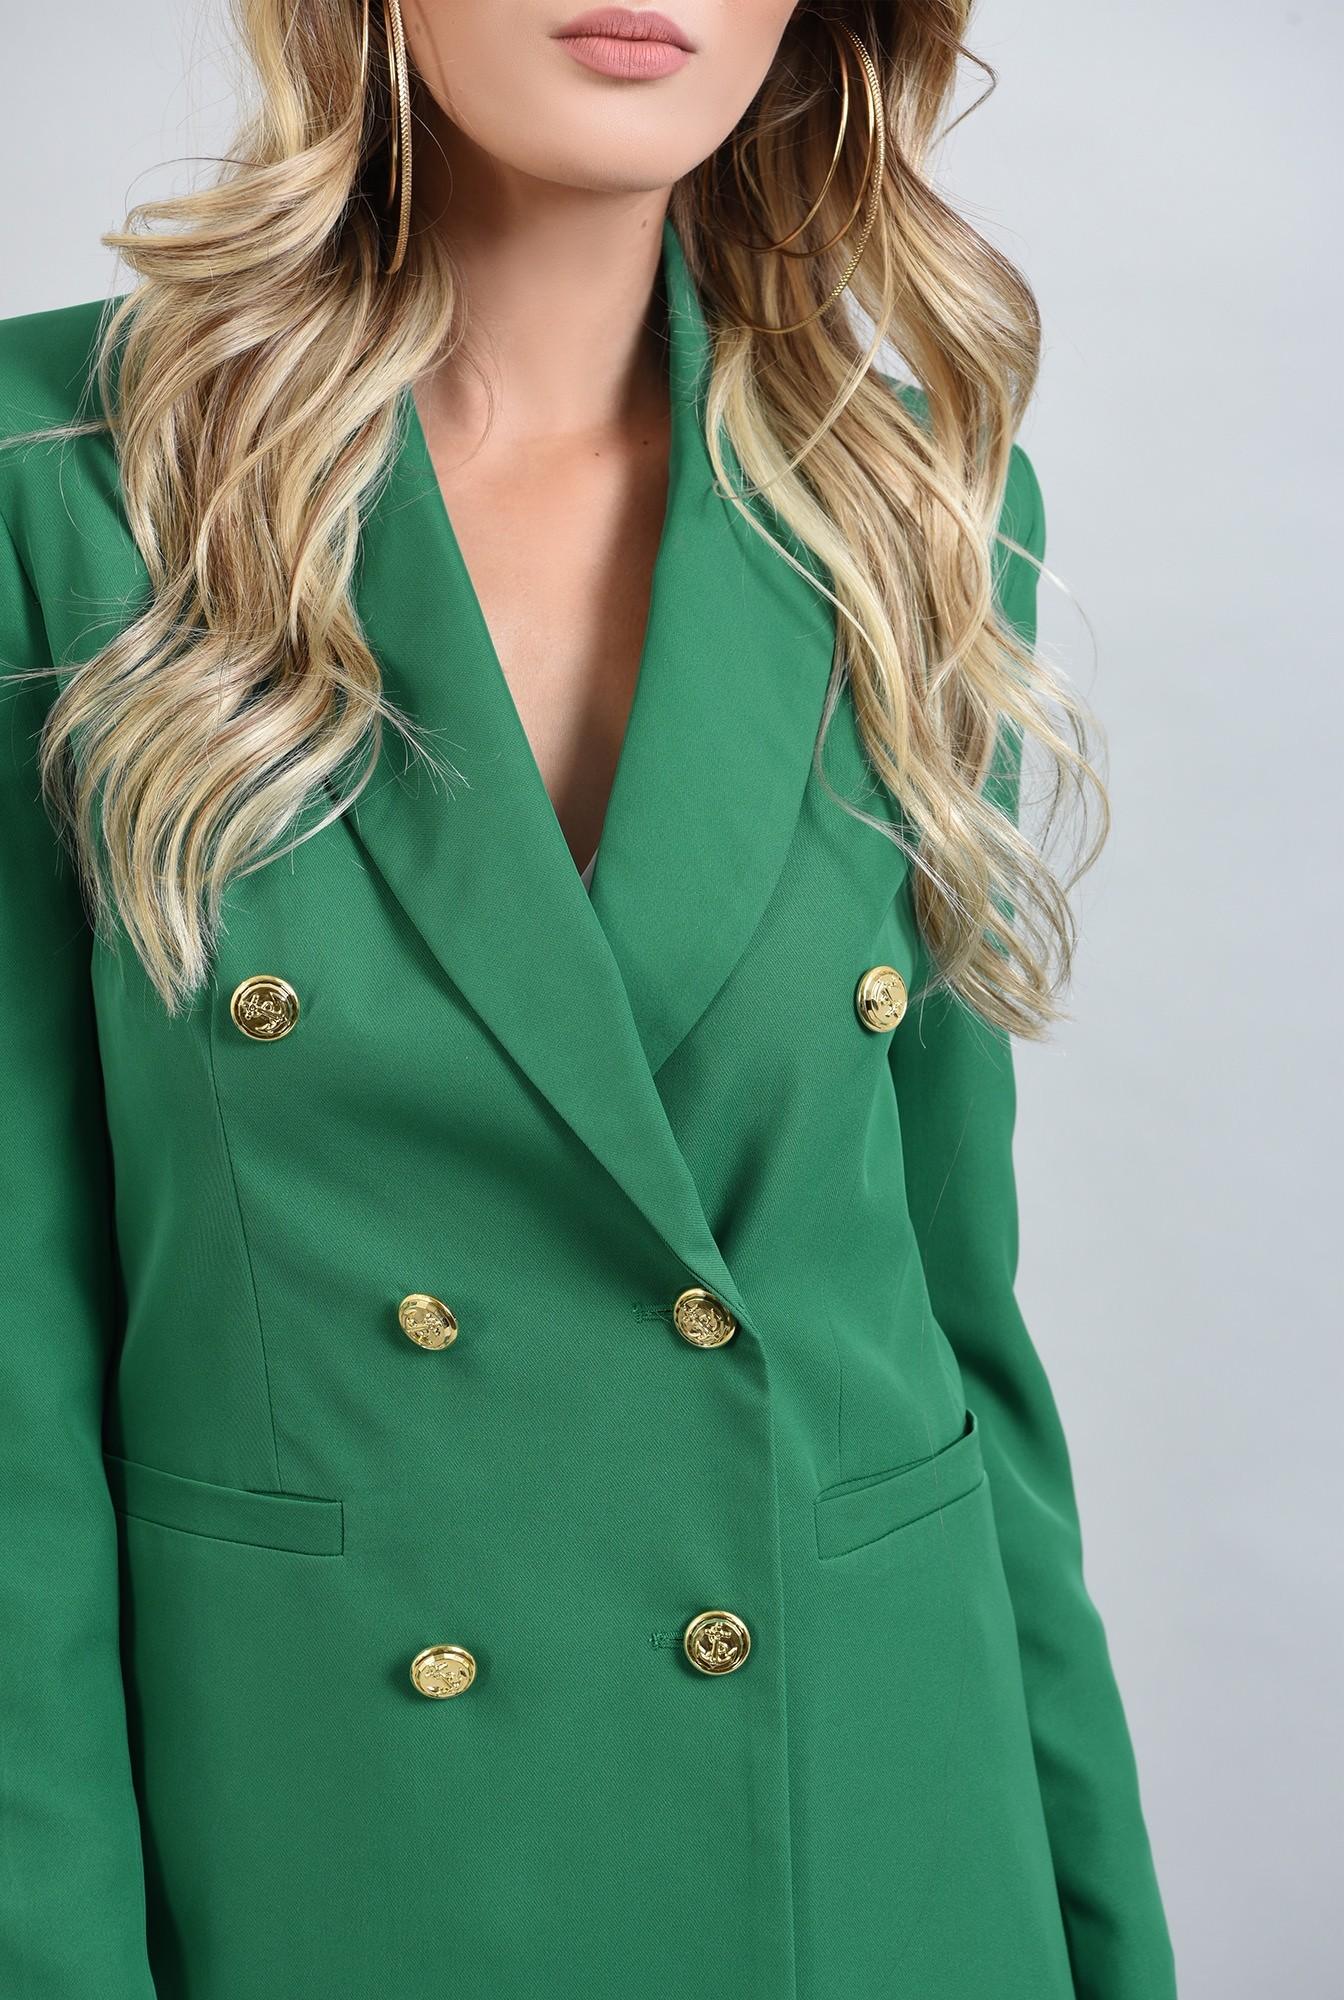 2 - scou cu nasturi aurii, verde, cu maneca unga